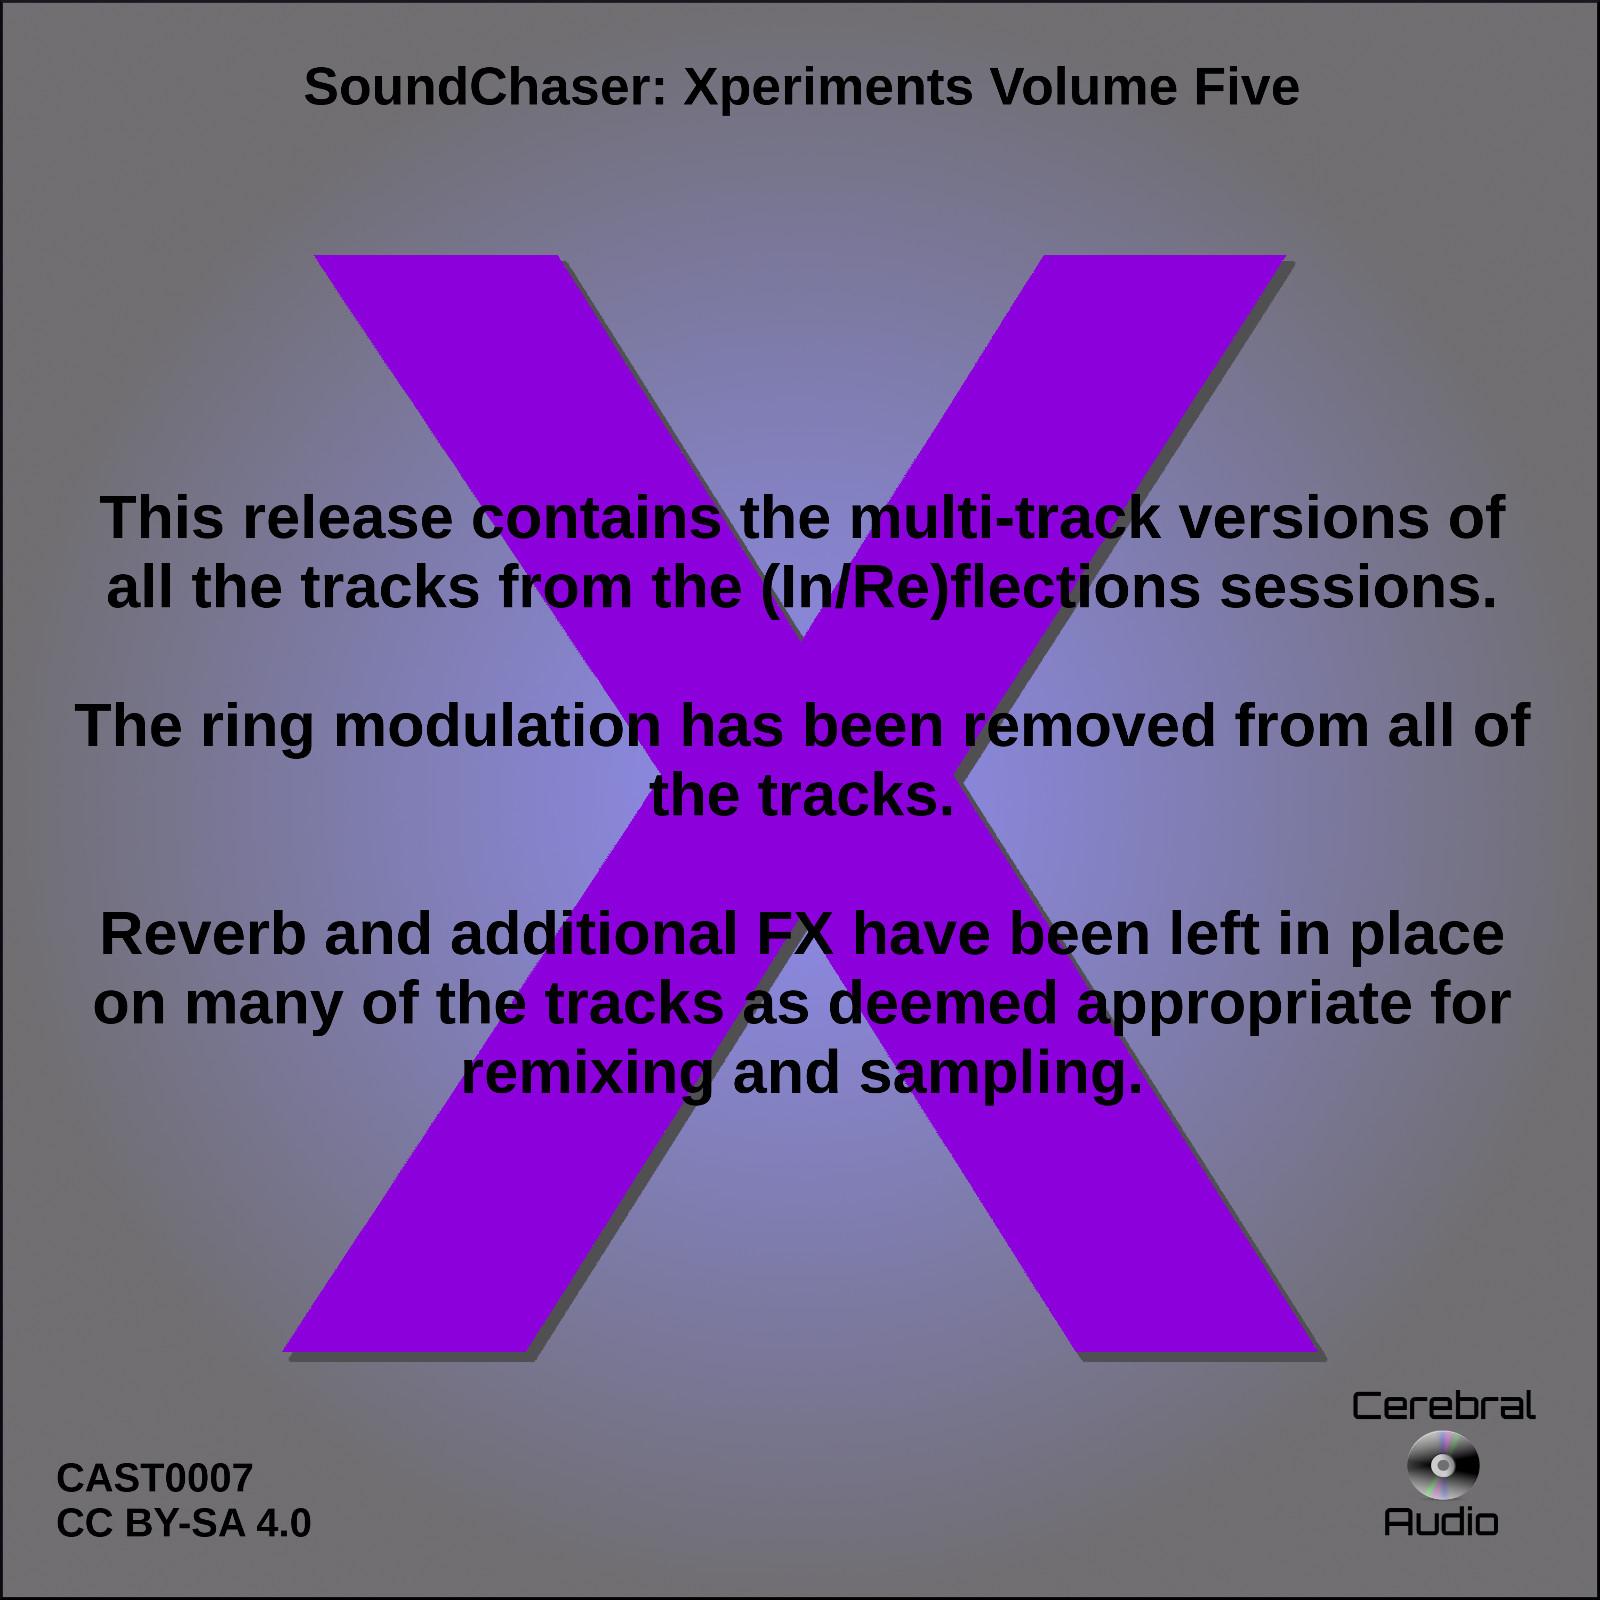 Xperiments Volume Five